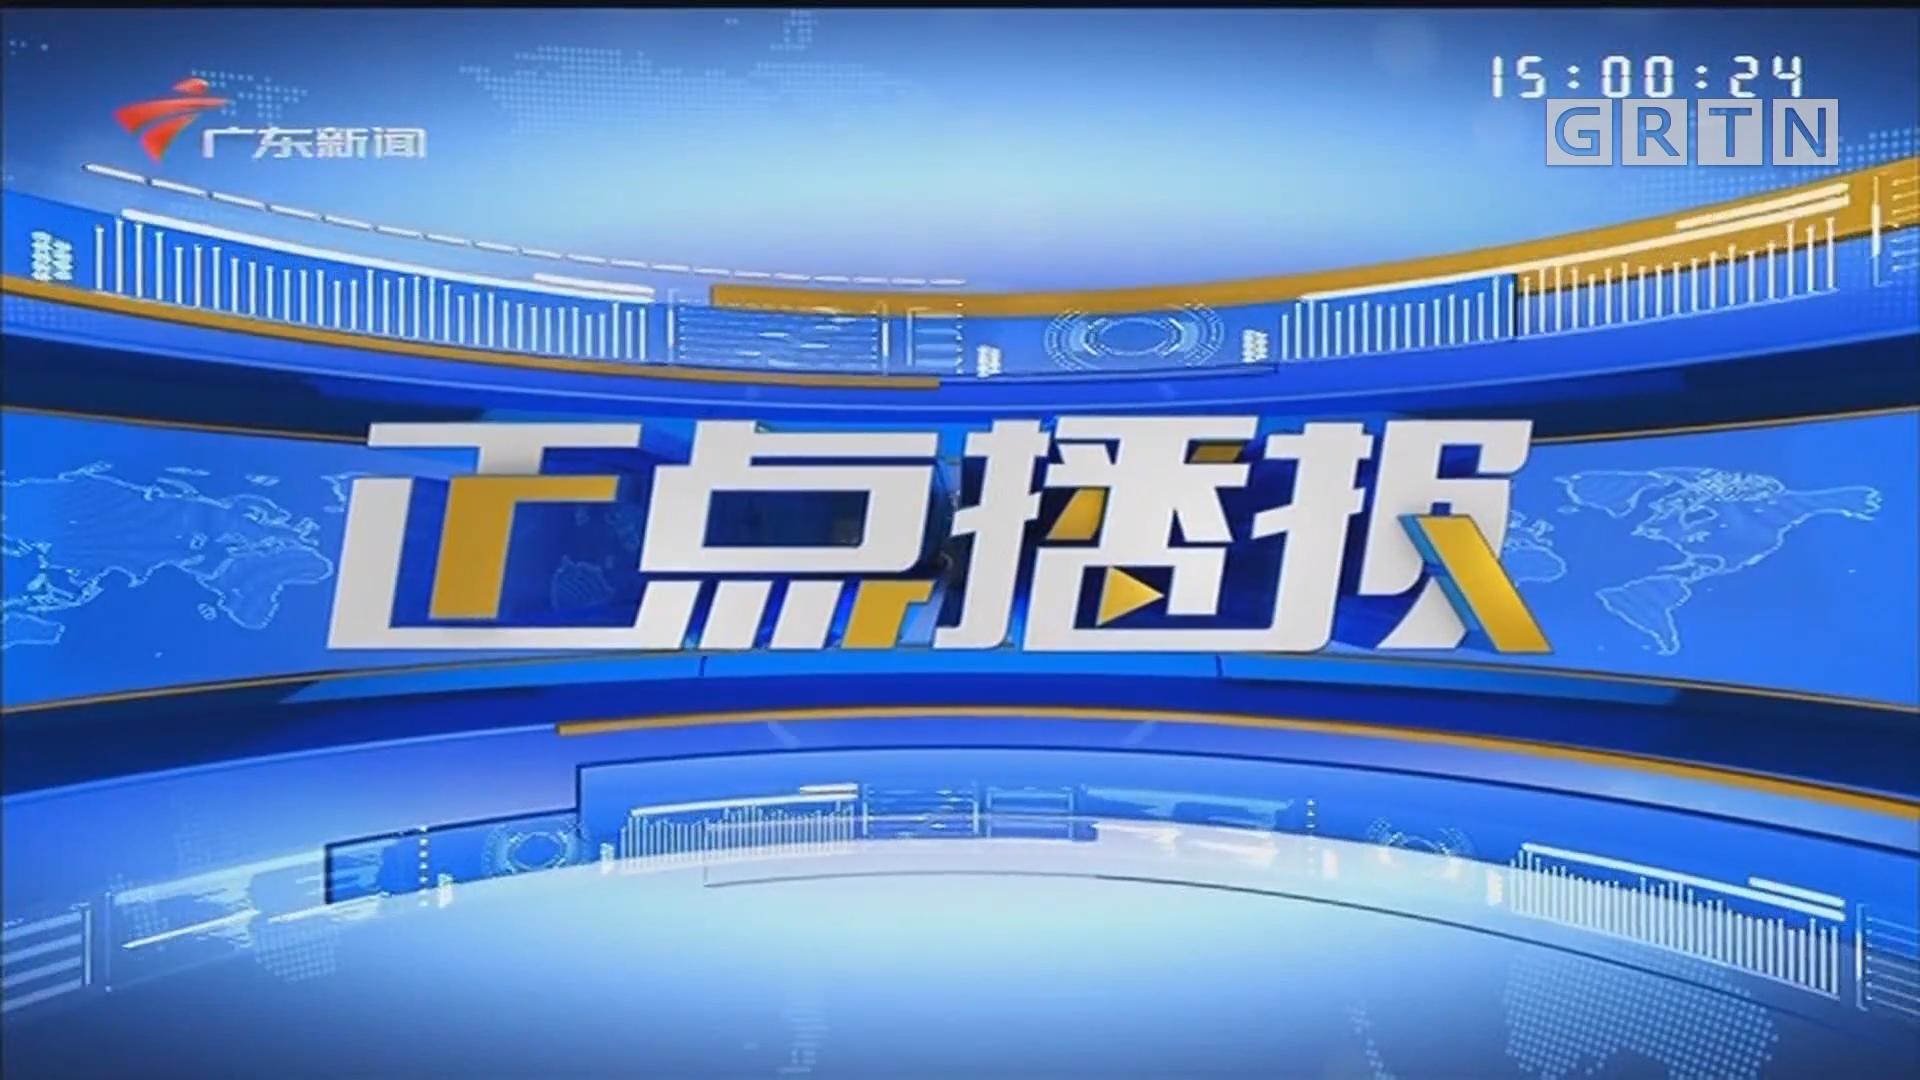 """[HD][2020-01-11-14:00]正点播报:乌克兰一客机在伊朗坠毁 无人生还:伊朗称乌克兰失事客机被""""非故意""""击落"""